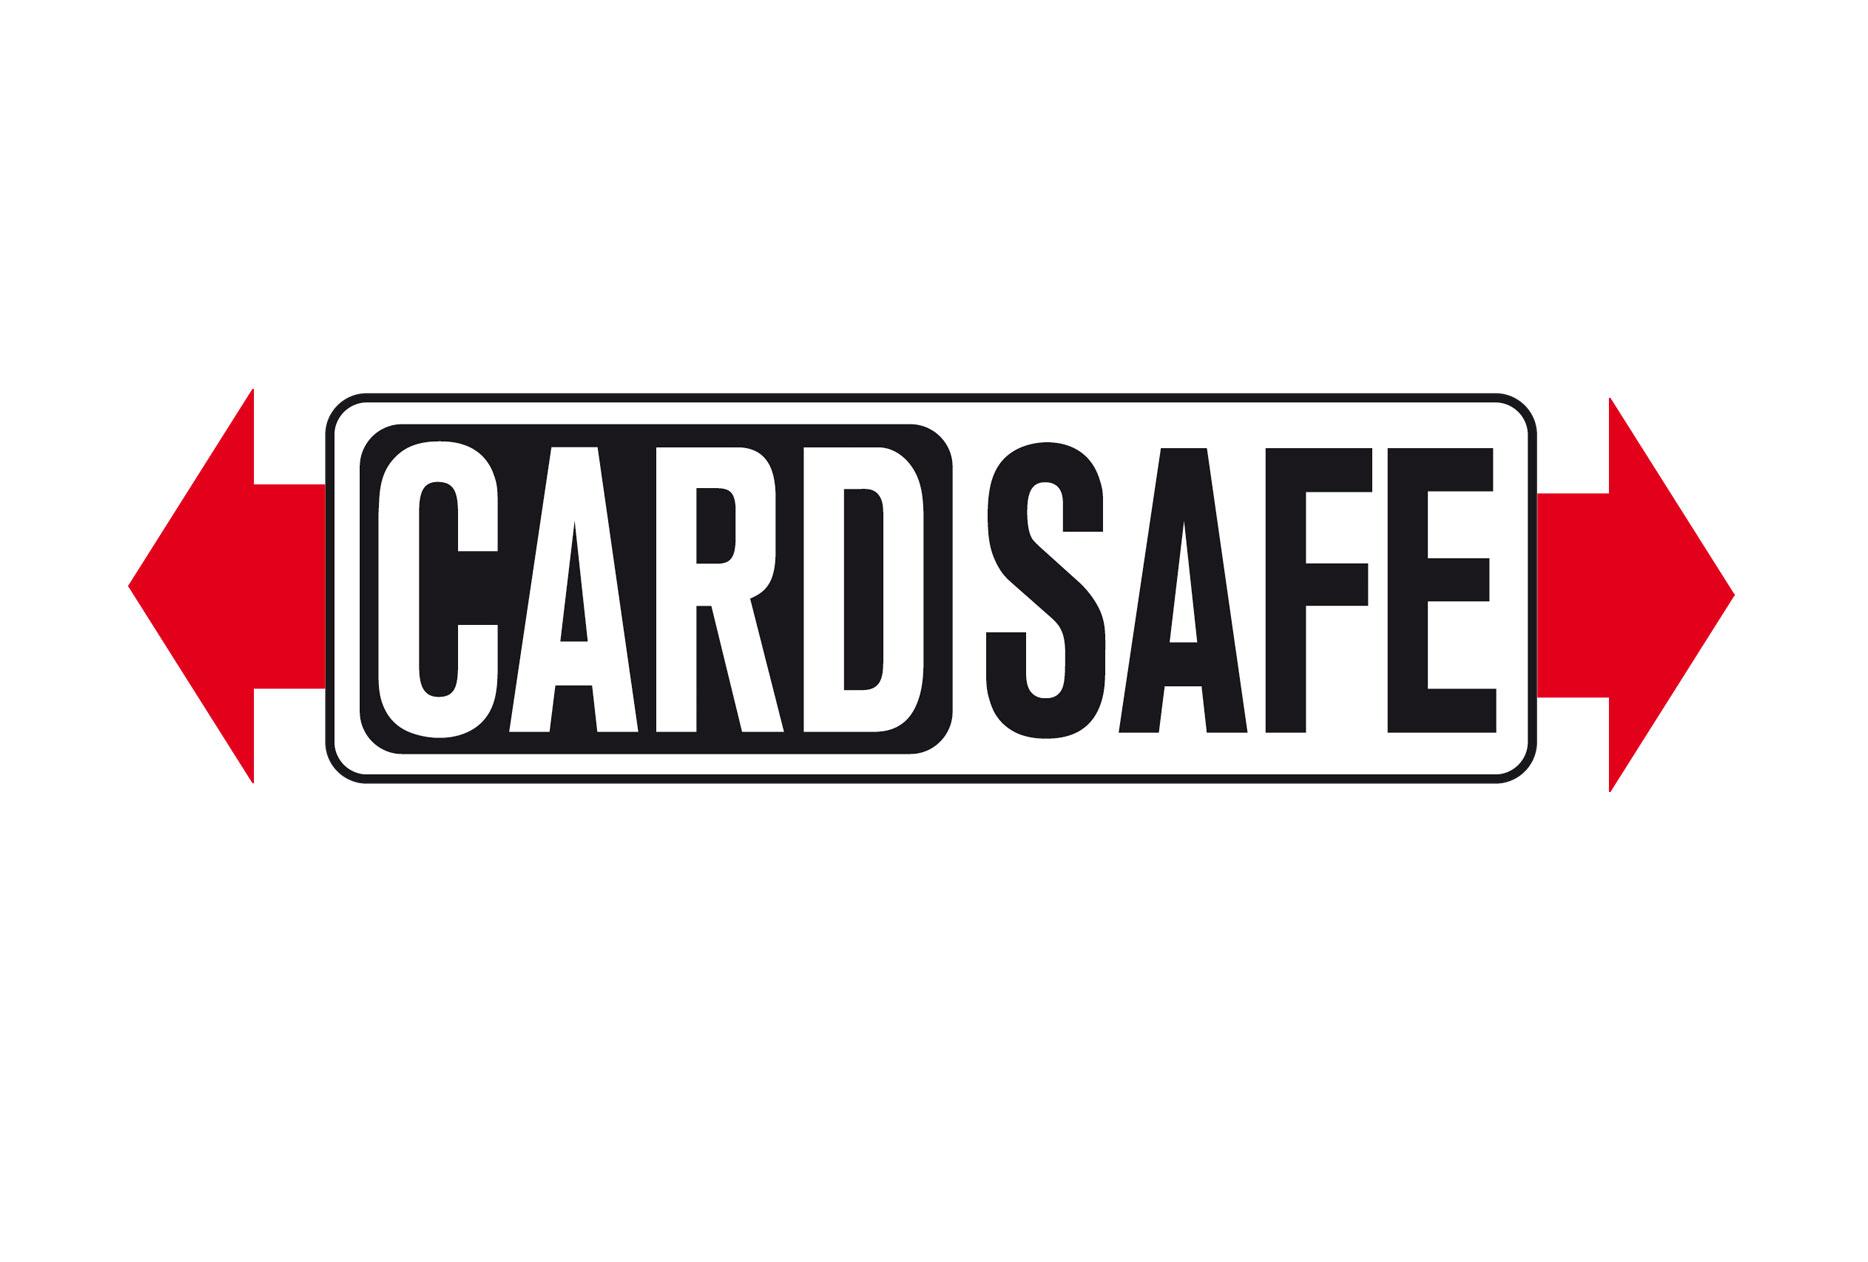 cardsafe-logo